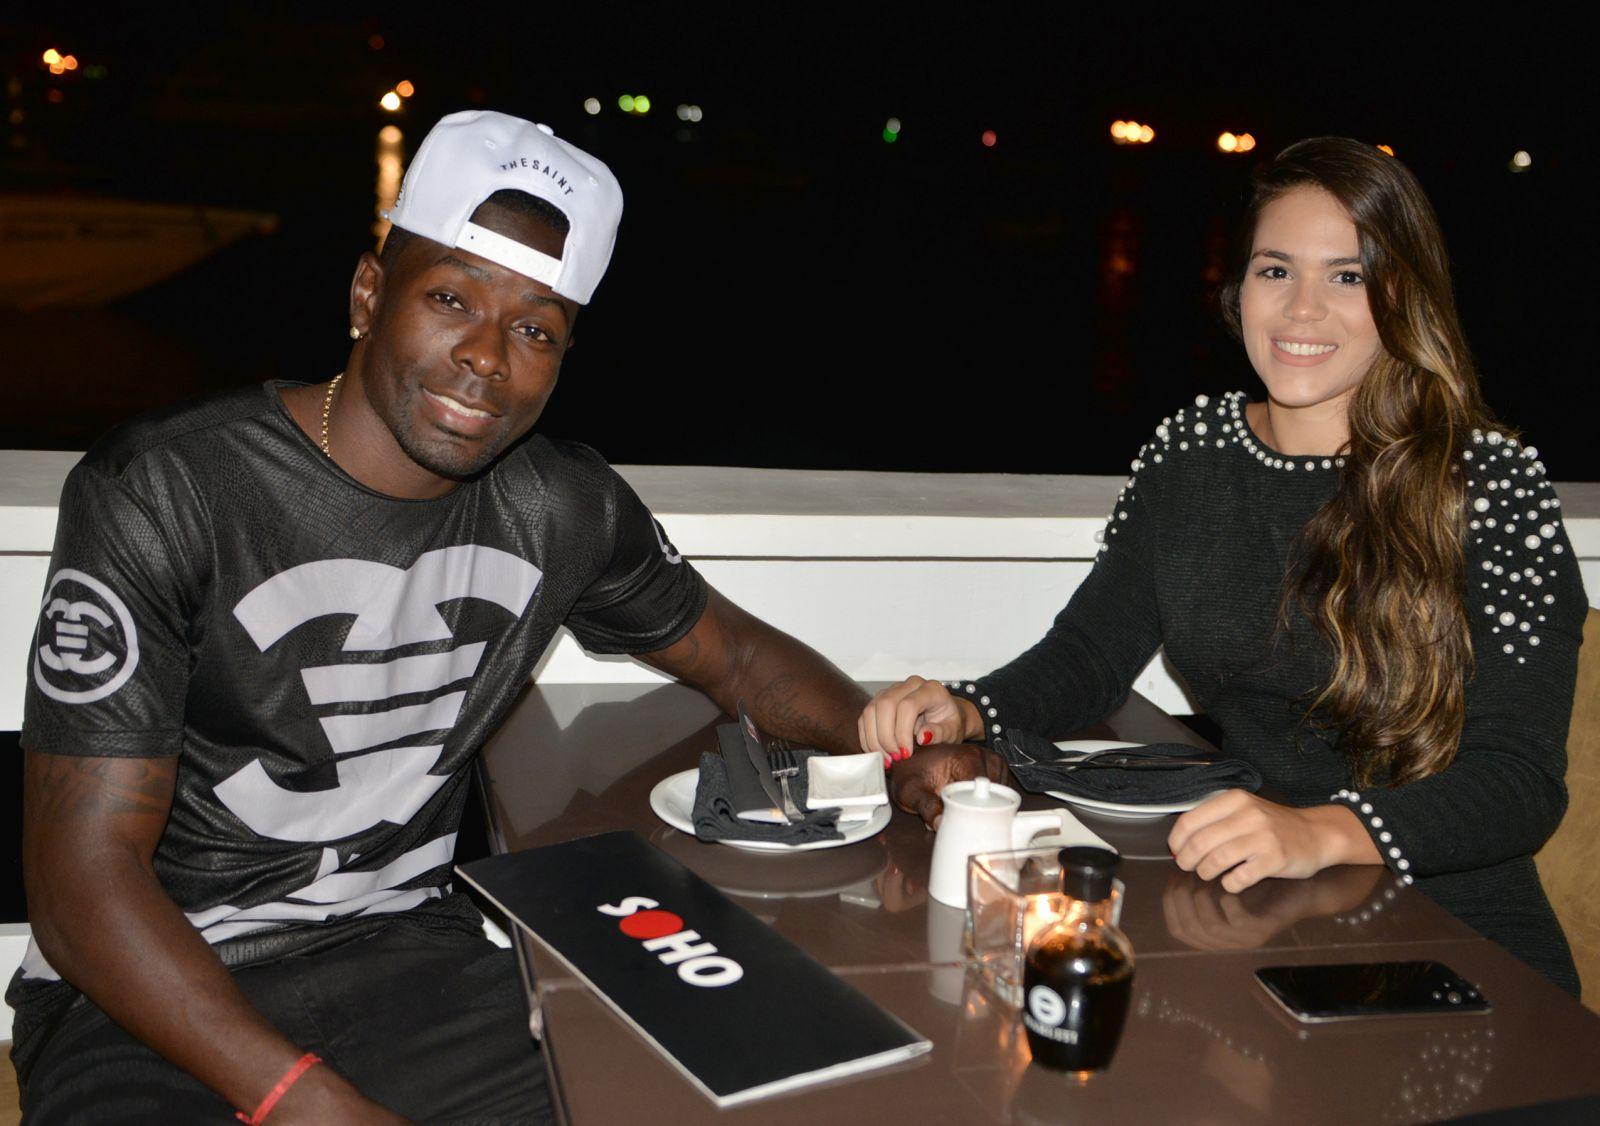 Kanu jogador do Vitória jantando com Jéssica Ketlin no Soho de Salvador.